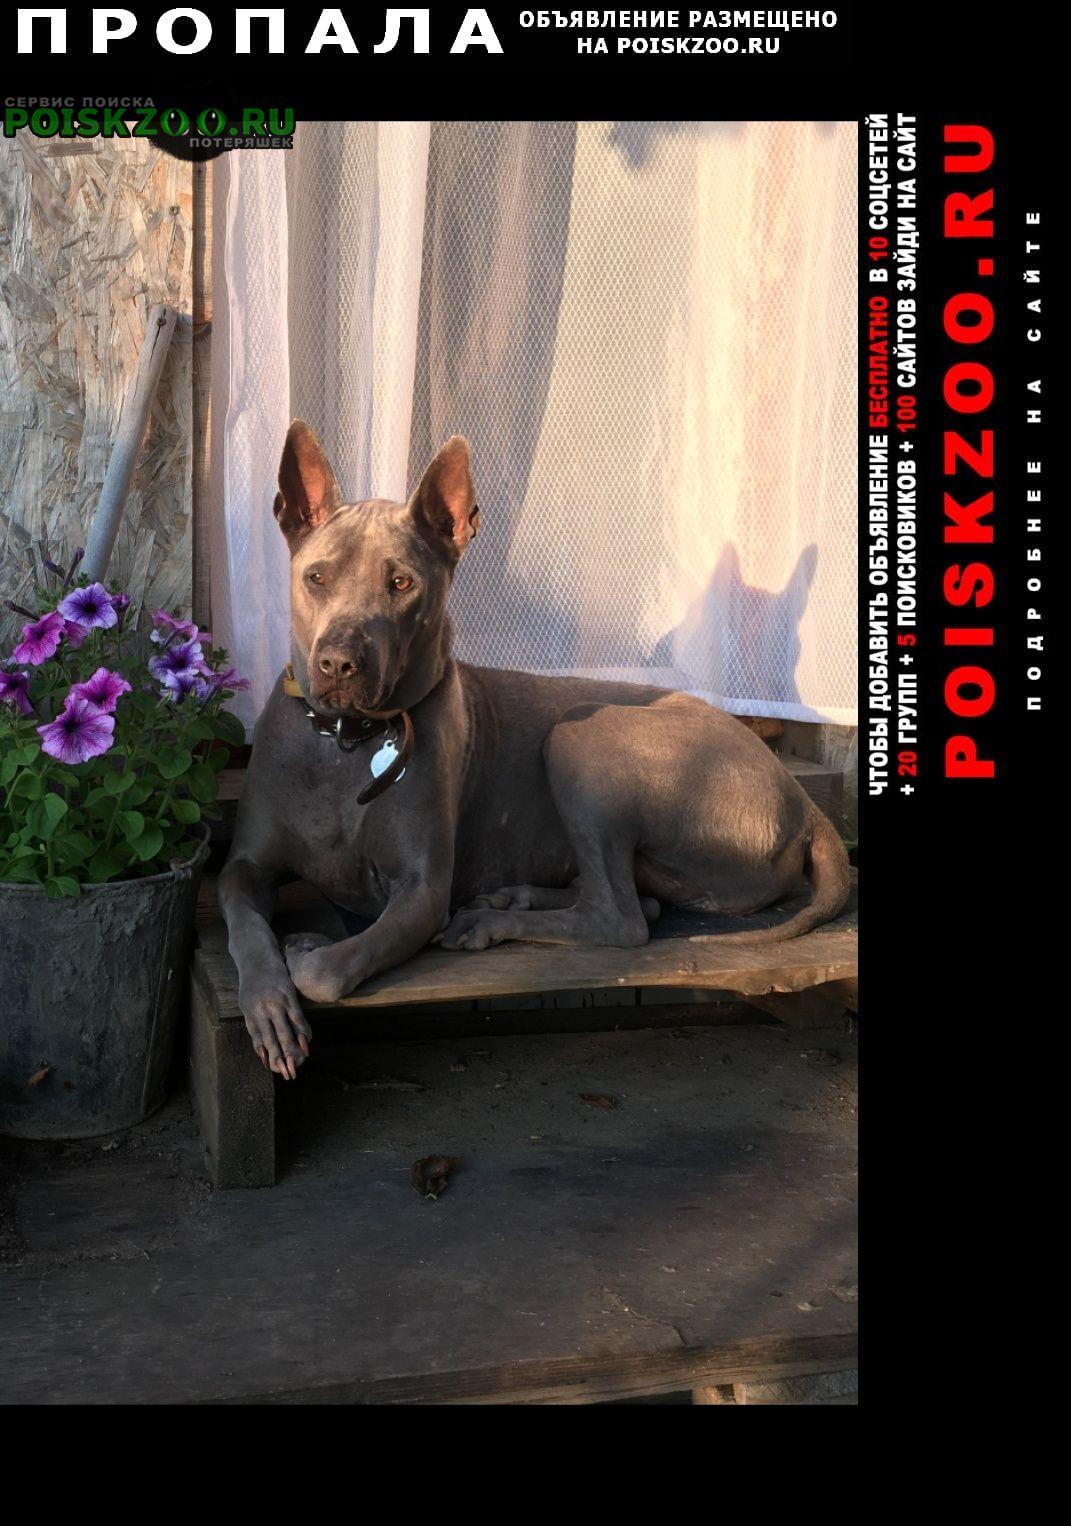 Пропала собака тайский ридж бэк Москва